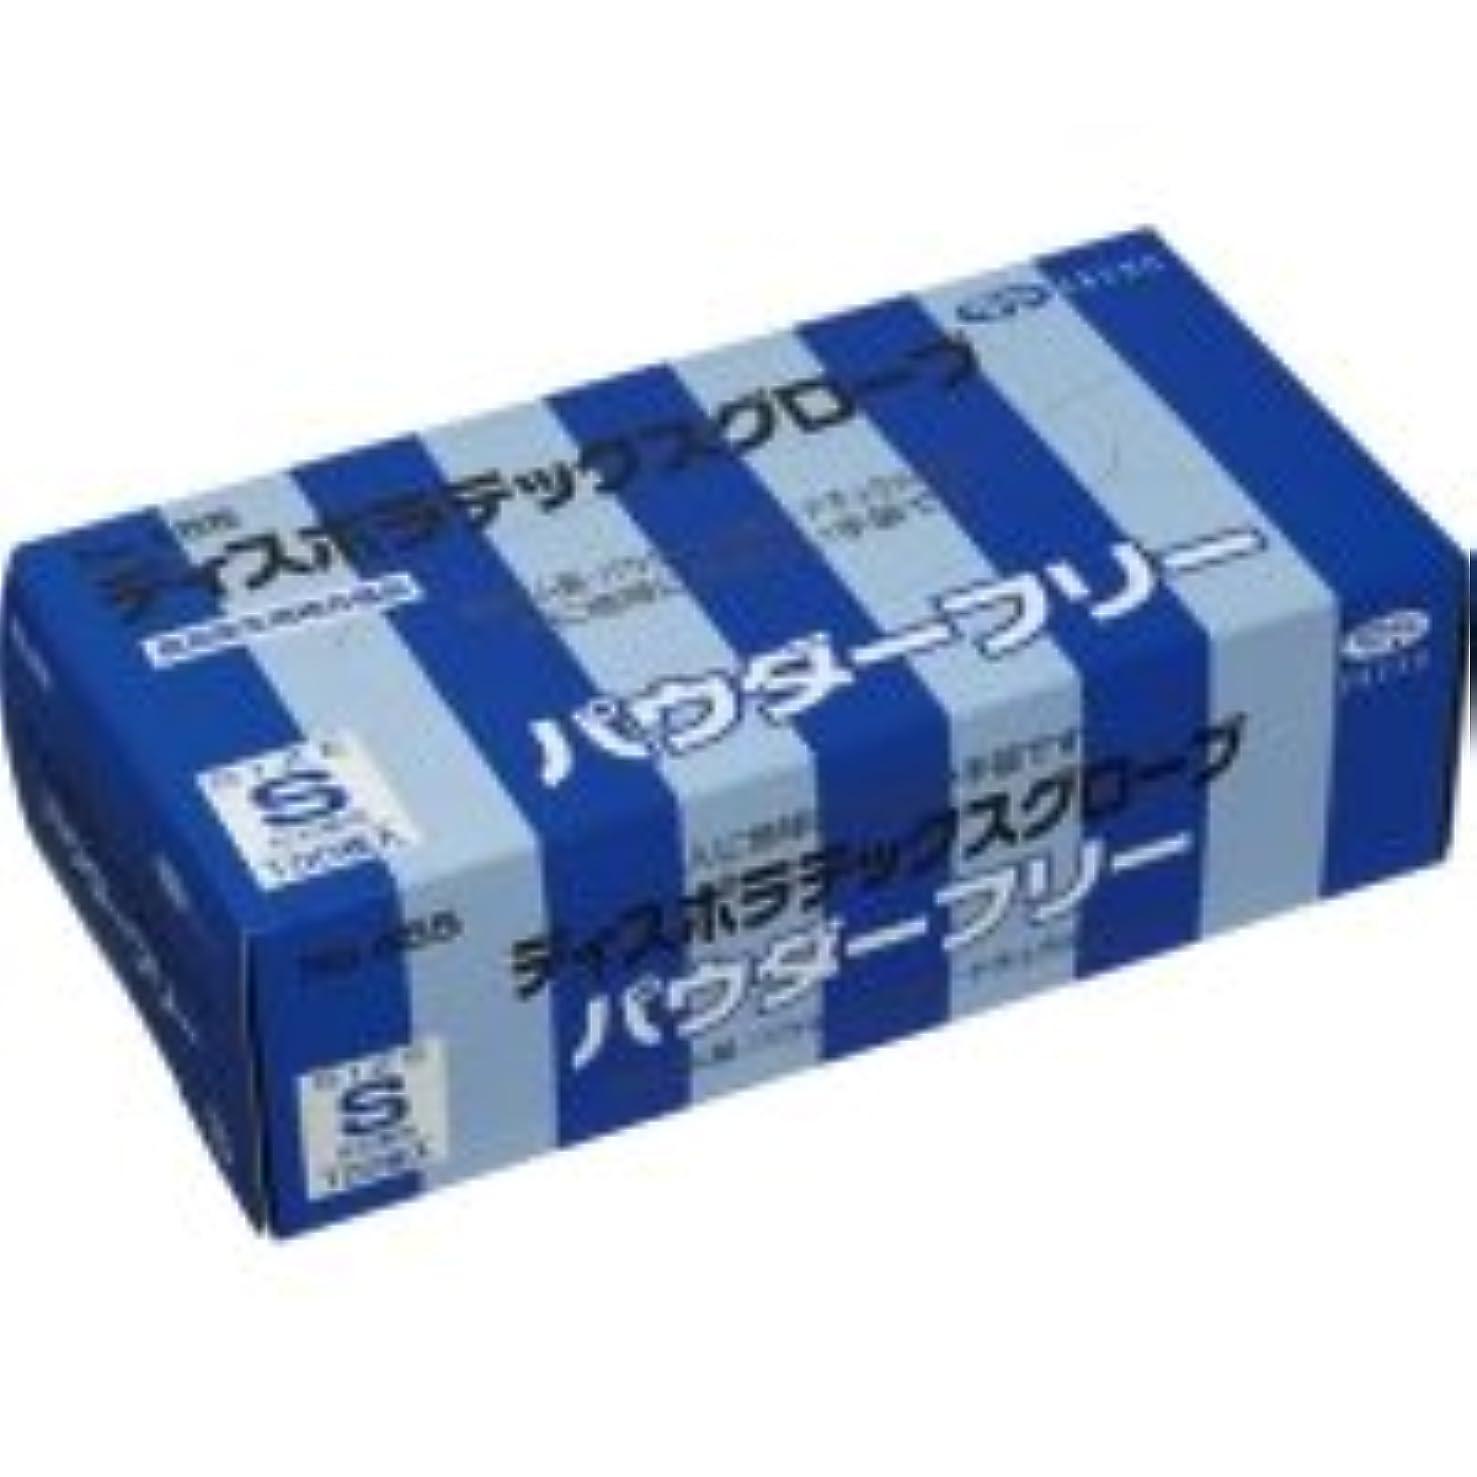 徹底的に平和な冗談でエブノ ディスポラテックスグローブ No.455 パウダーフリー S 1箱(100枚)